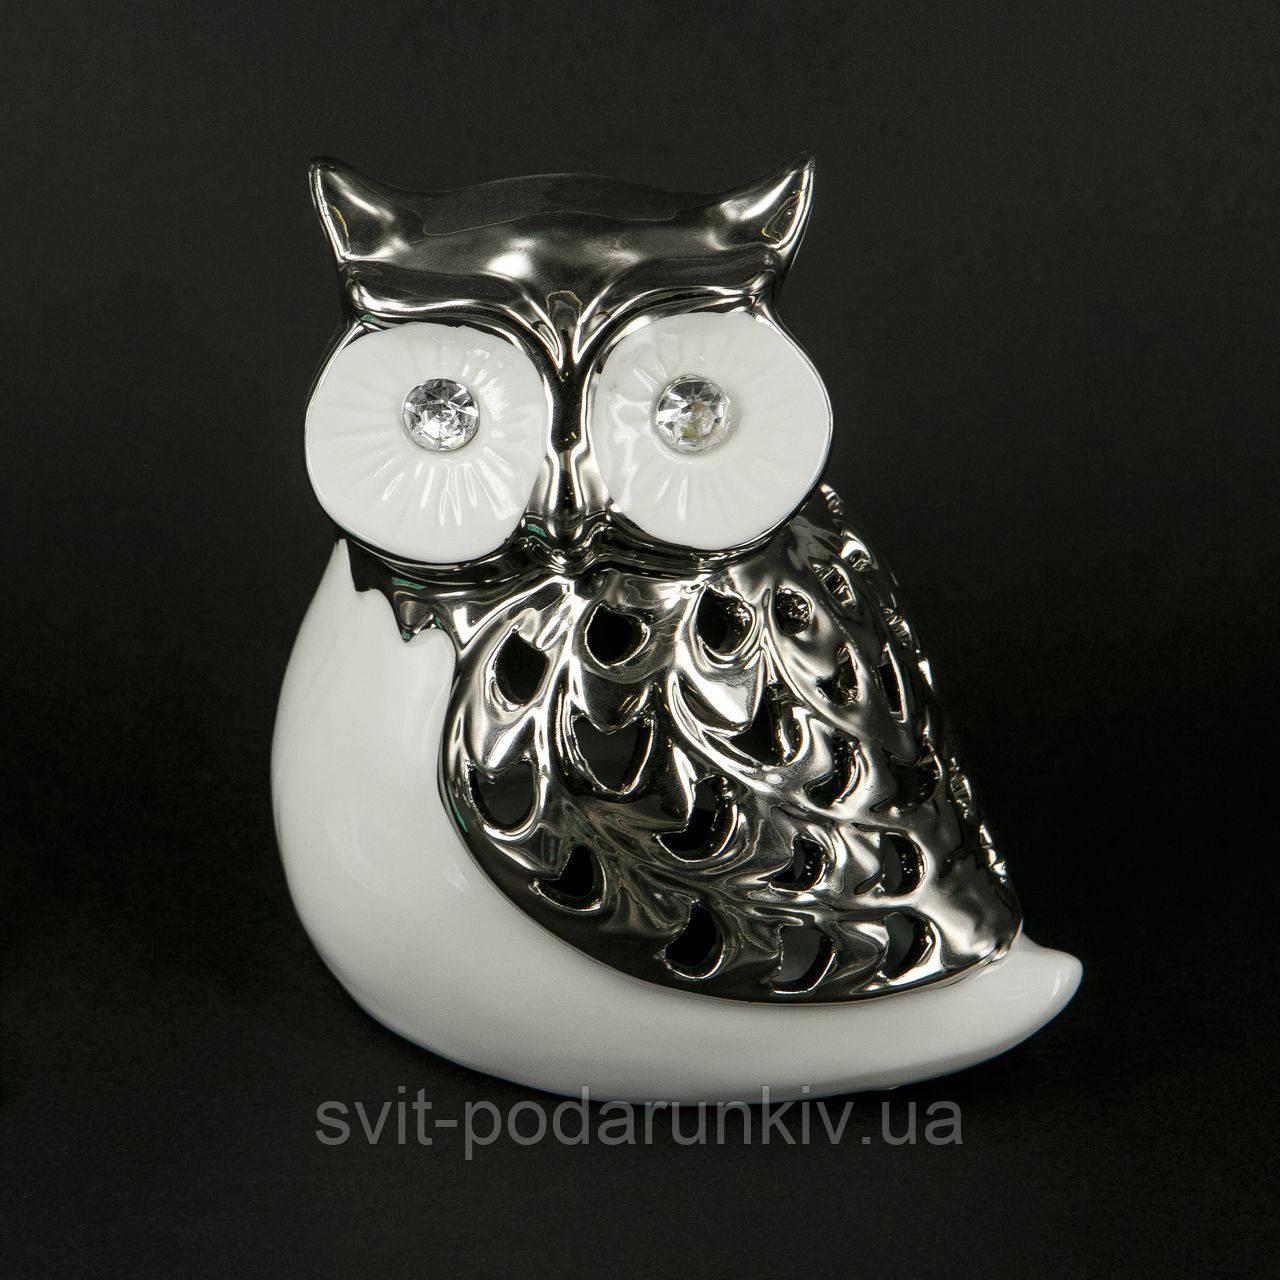 Статуэтка сова керамическая с большими глазами HYS21050-2 ...